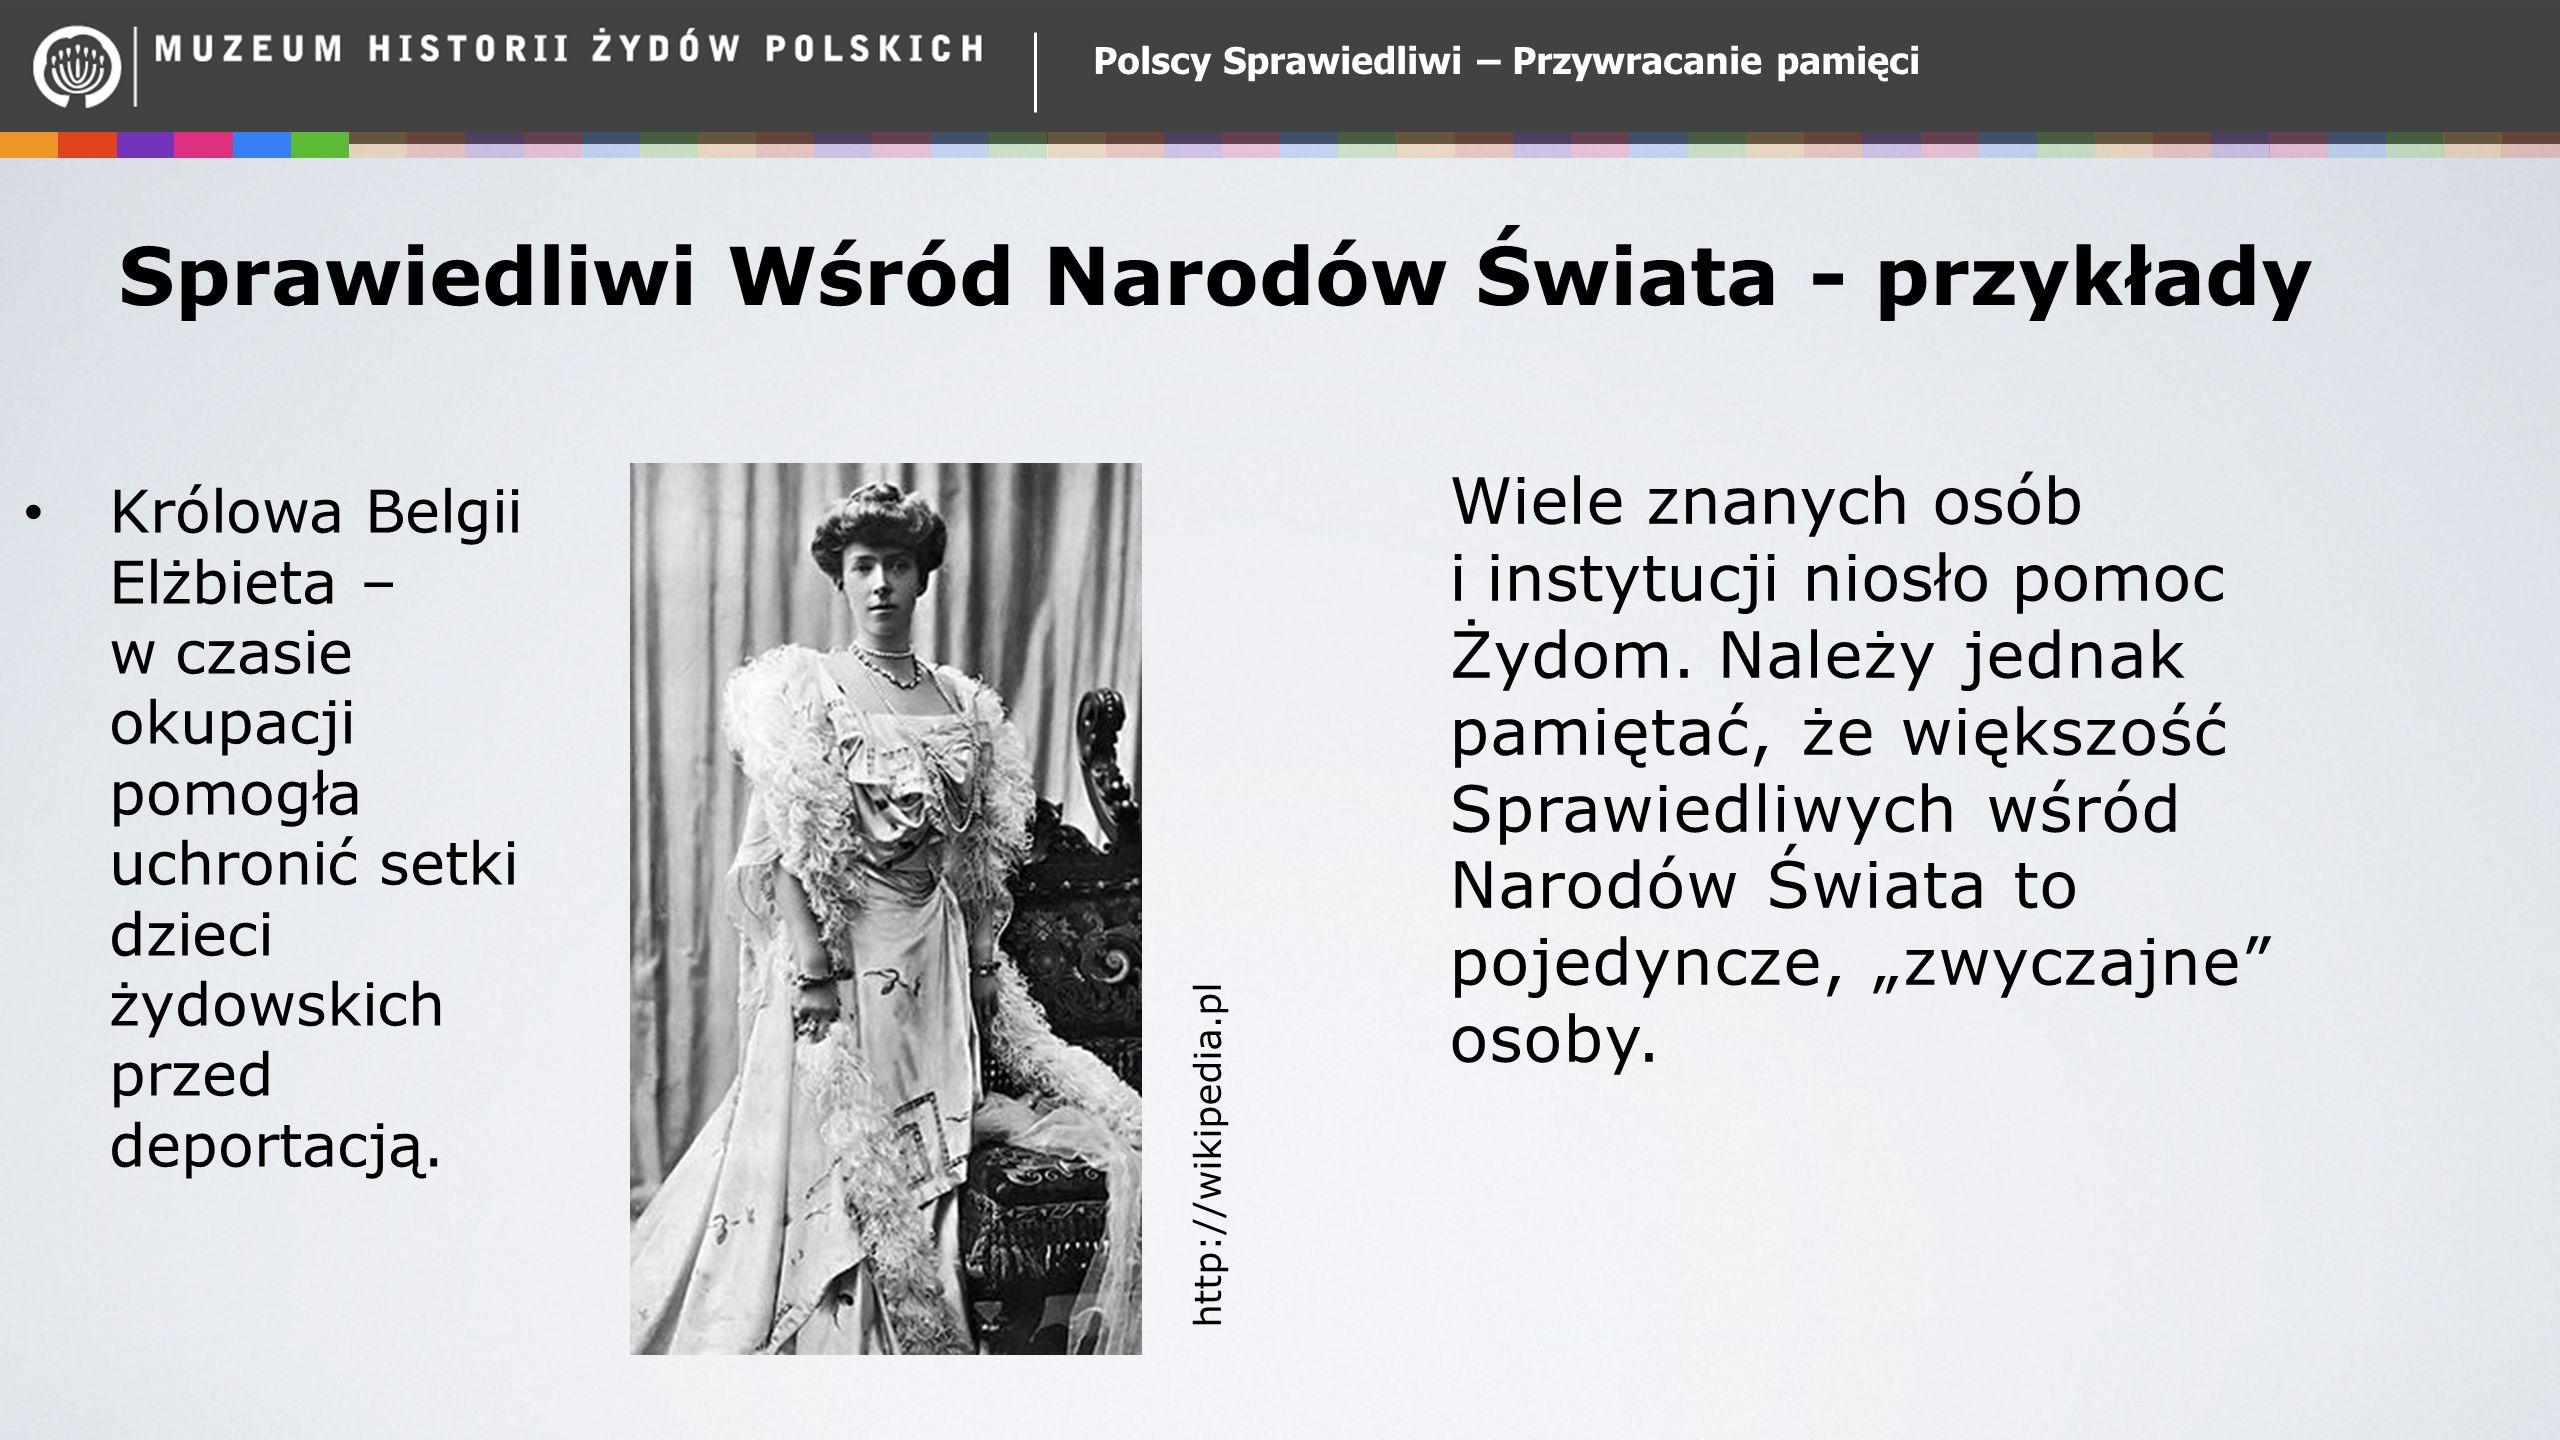 Polscy Sprawiedliwi – Przywracanie pamięci Sprawiedliwi Wśród Narodów Świata - przykłady Królowa Belgii Elżbieta – w czasie okupacji pomogła uchronić